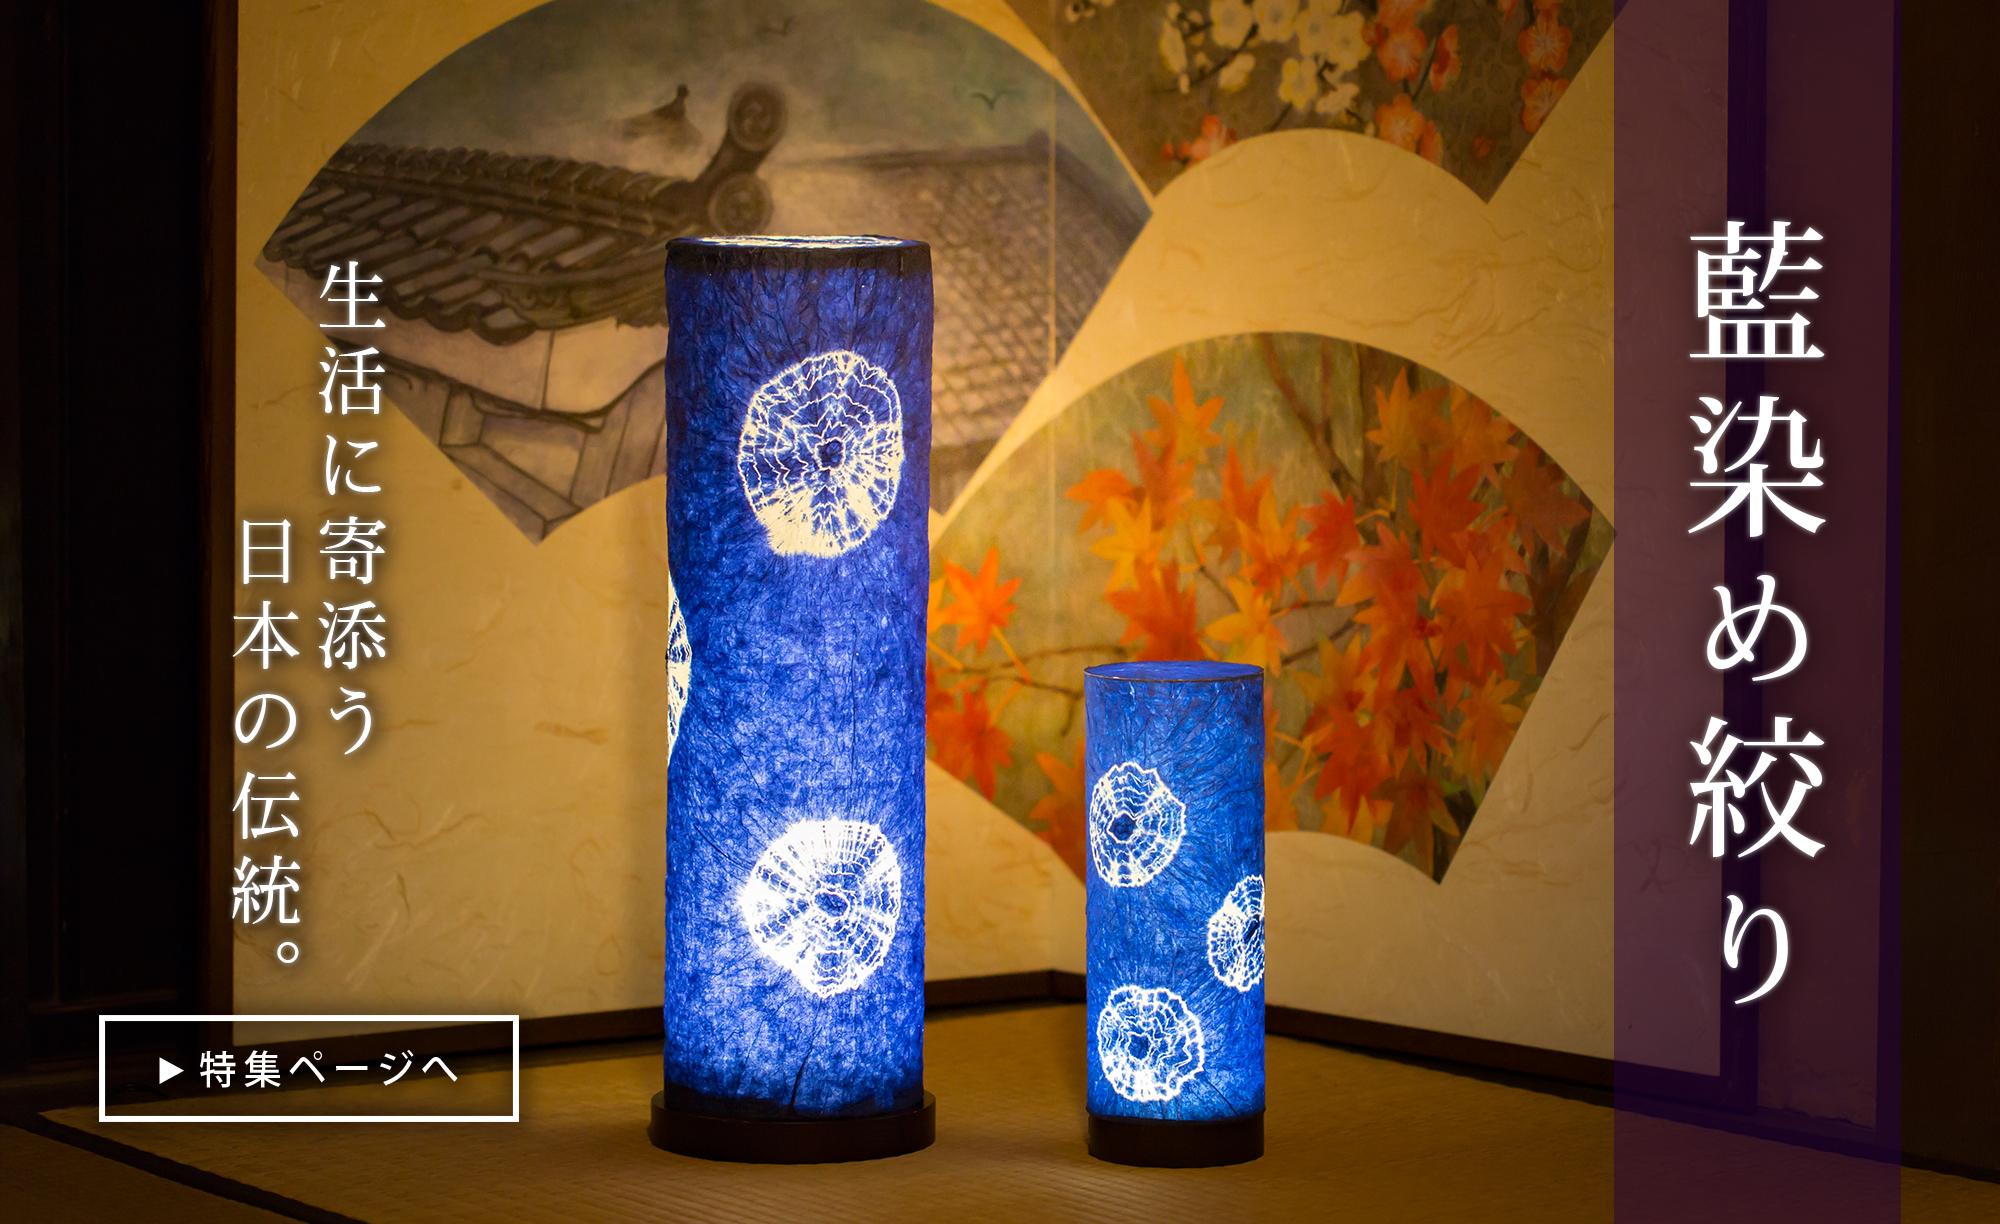 藍染め絞り 生活に寄りそう日本の伝統